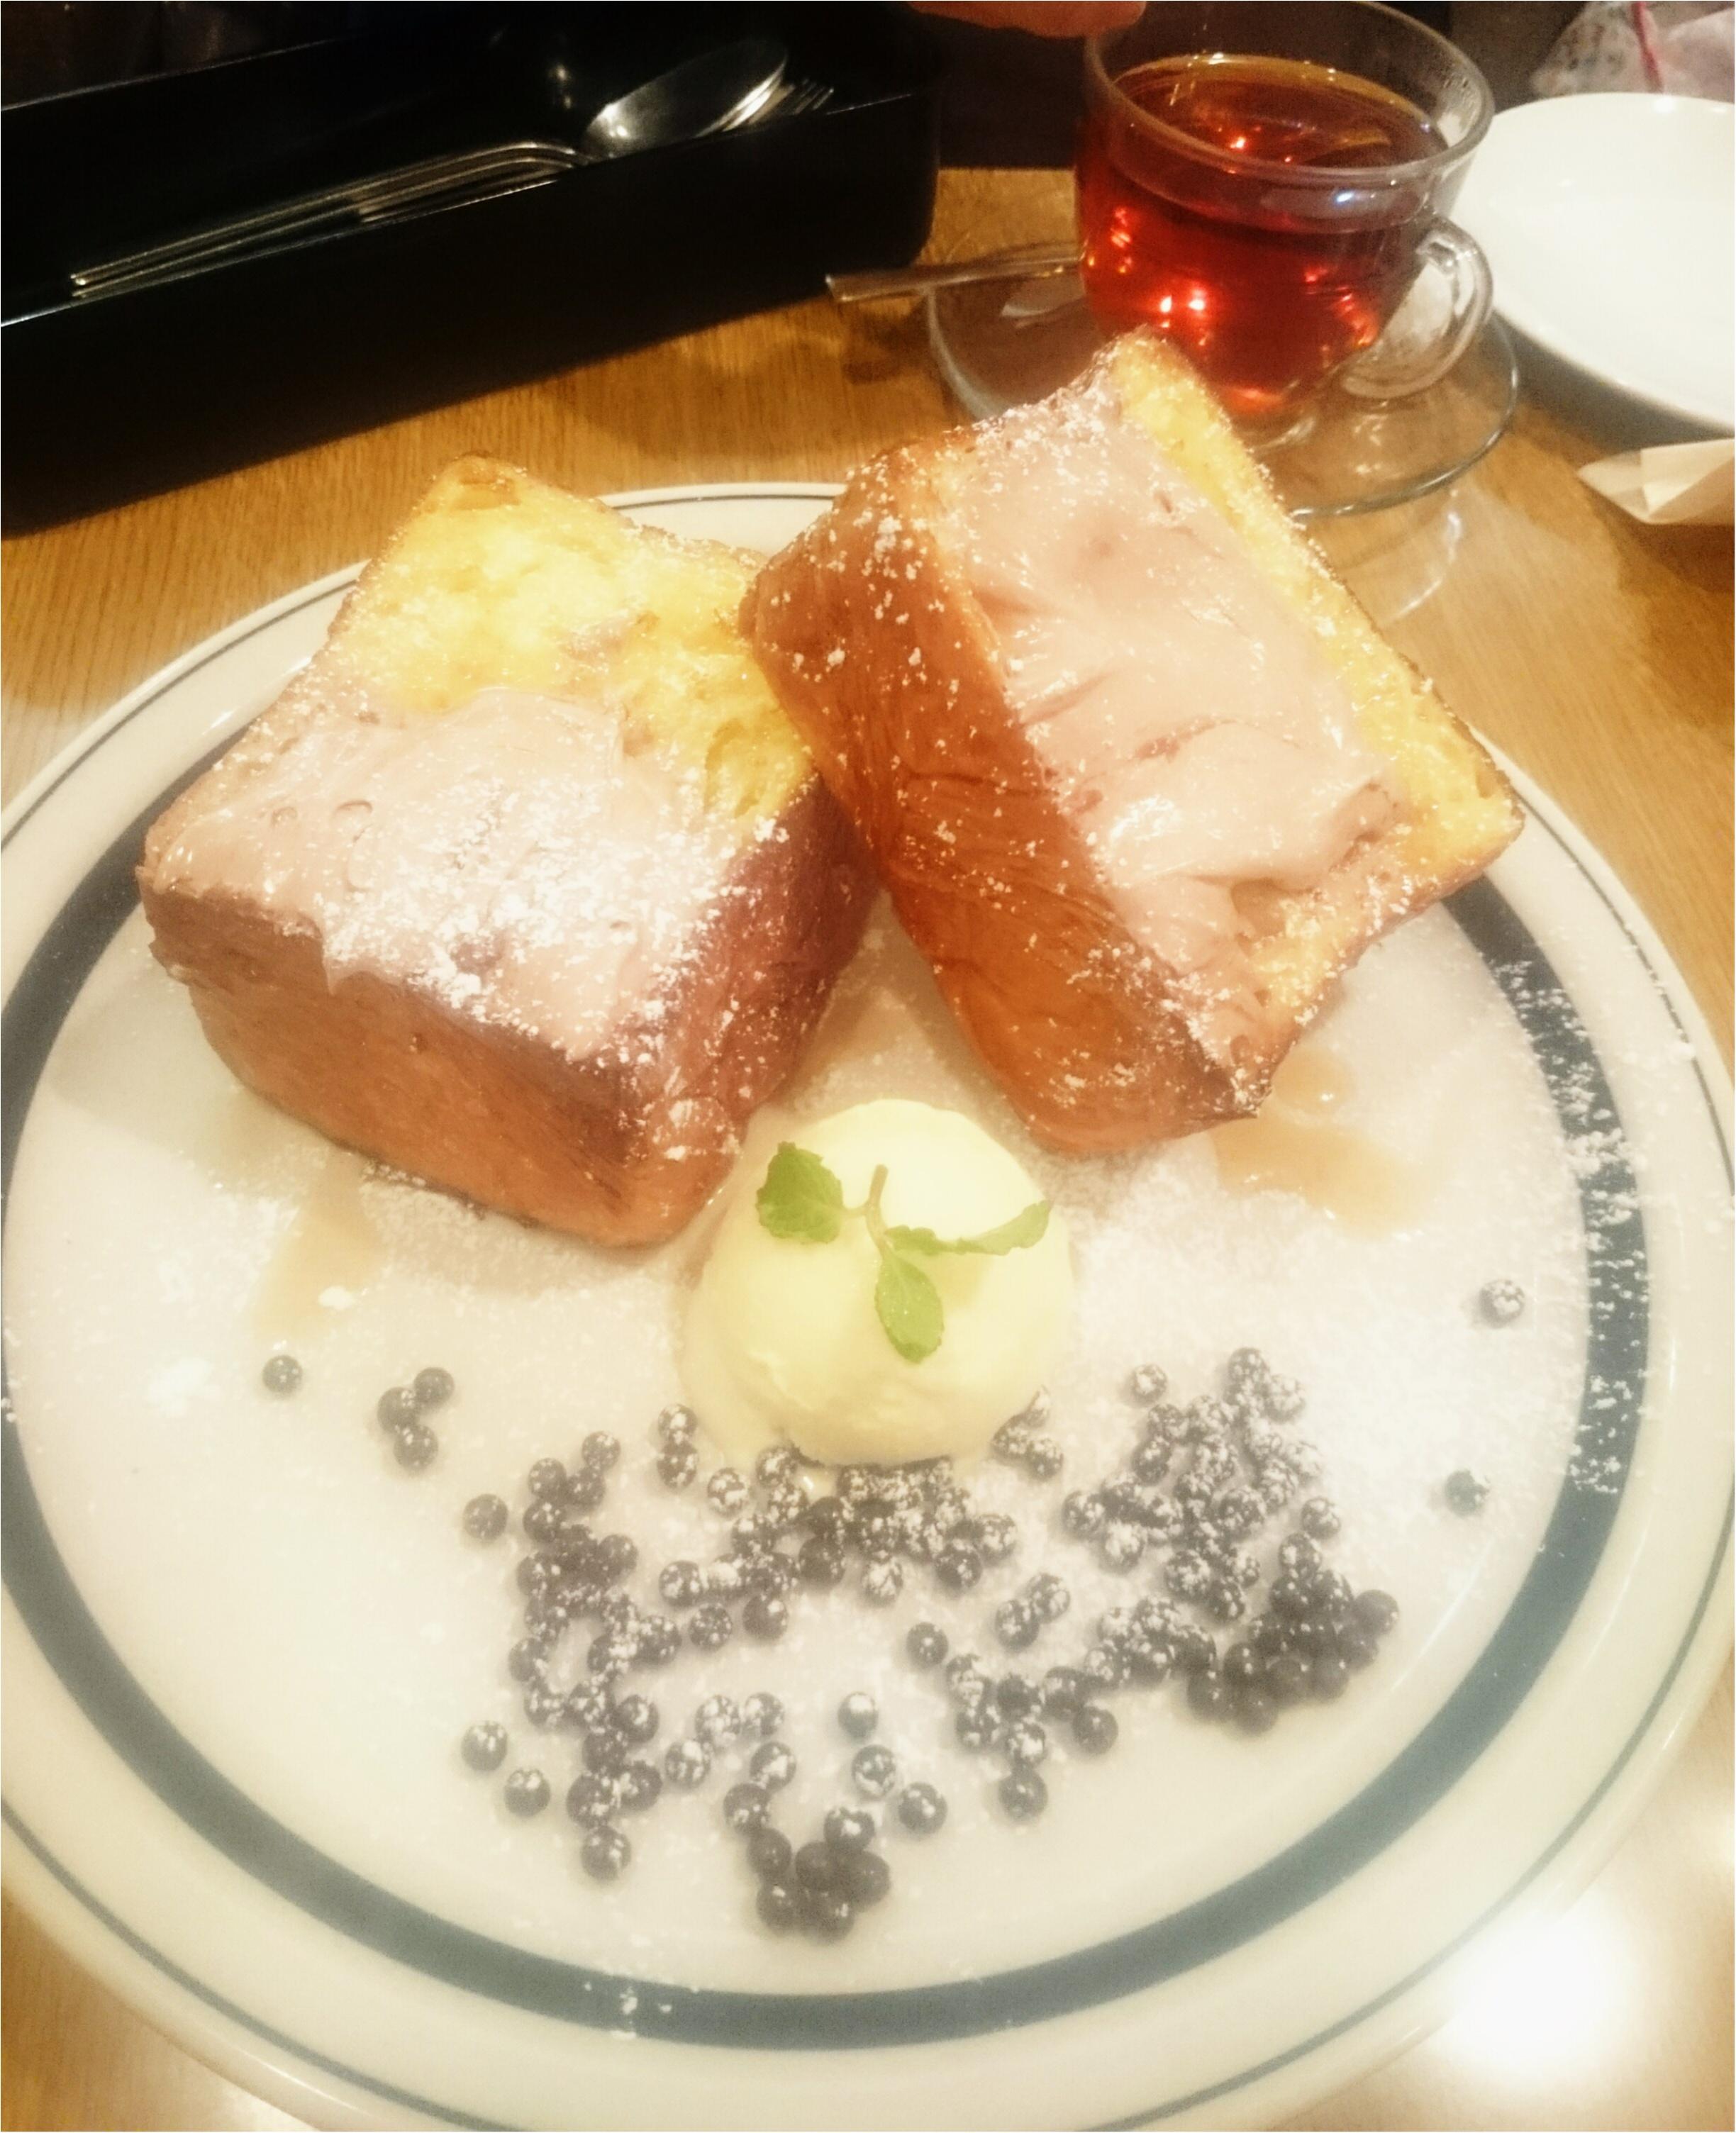 【WIRED CAFE】ボリュームたっぷりなごはんが食べれます!話題のフレンチトーストも!_9